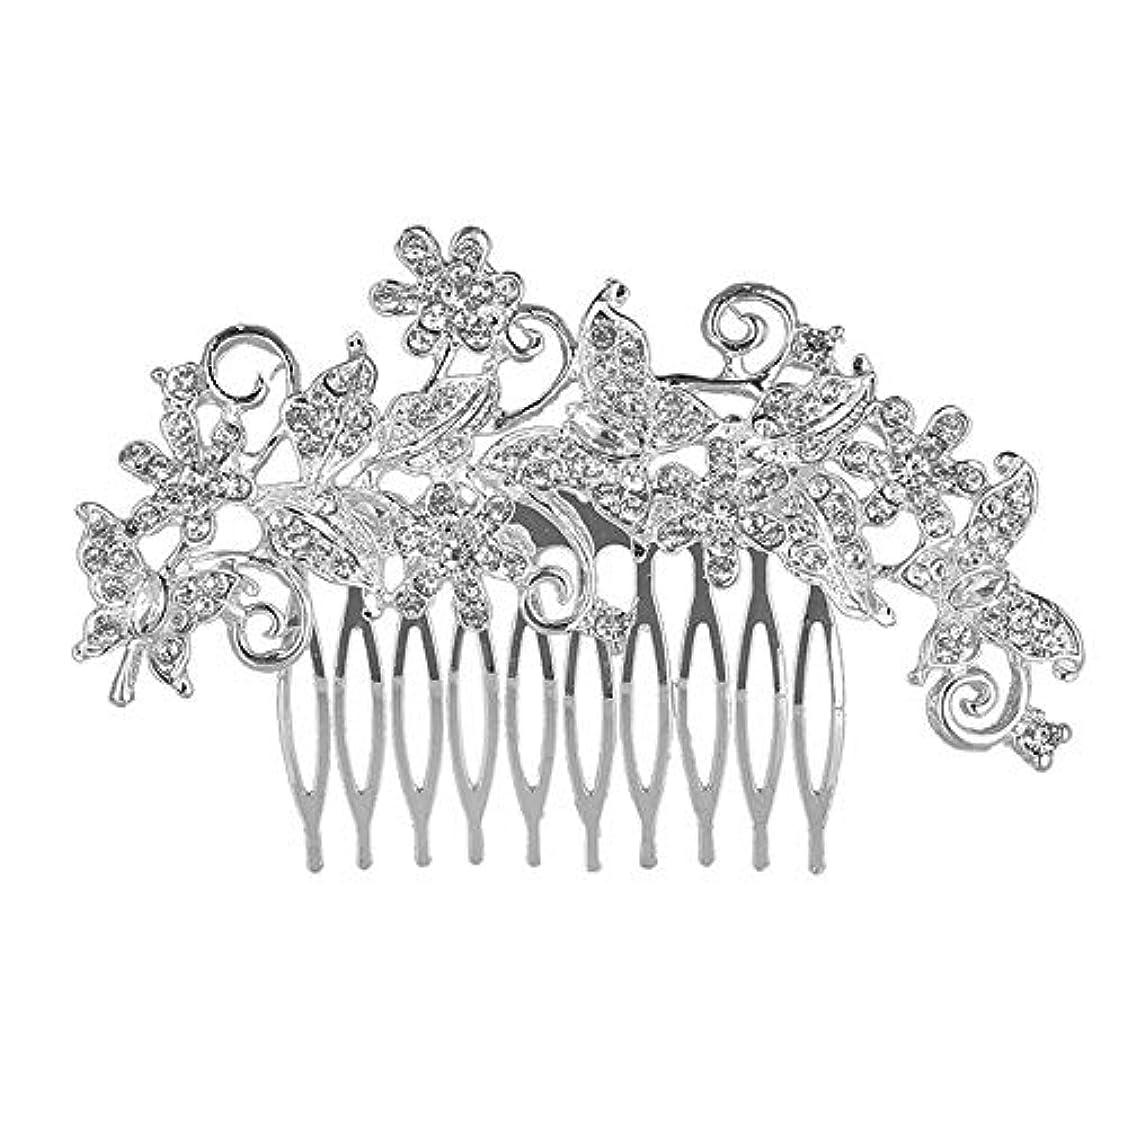 チキンスキャン調べる韓国のヘアアクセサリー_韓国の花嫁のヘアアクセサリー日の花のヘッドドレスファッションヘアコーム花嫁合金結婚式結婚式卸売